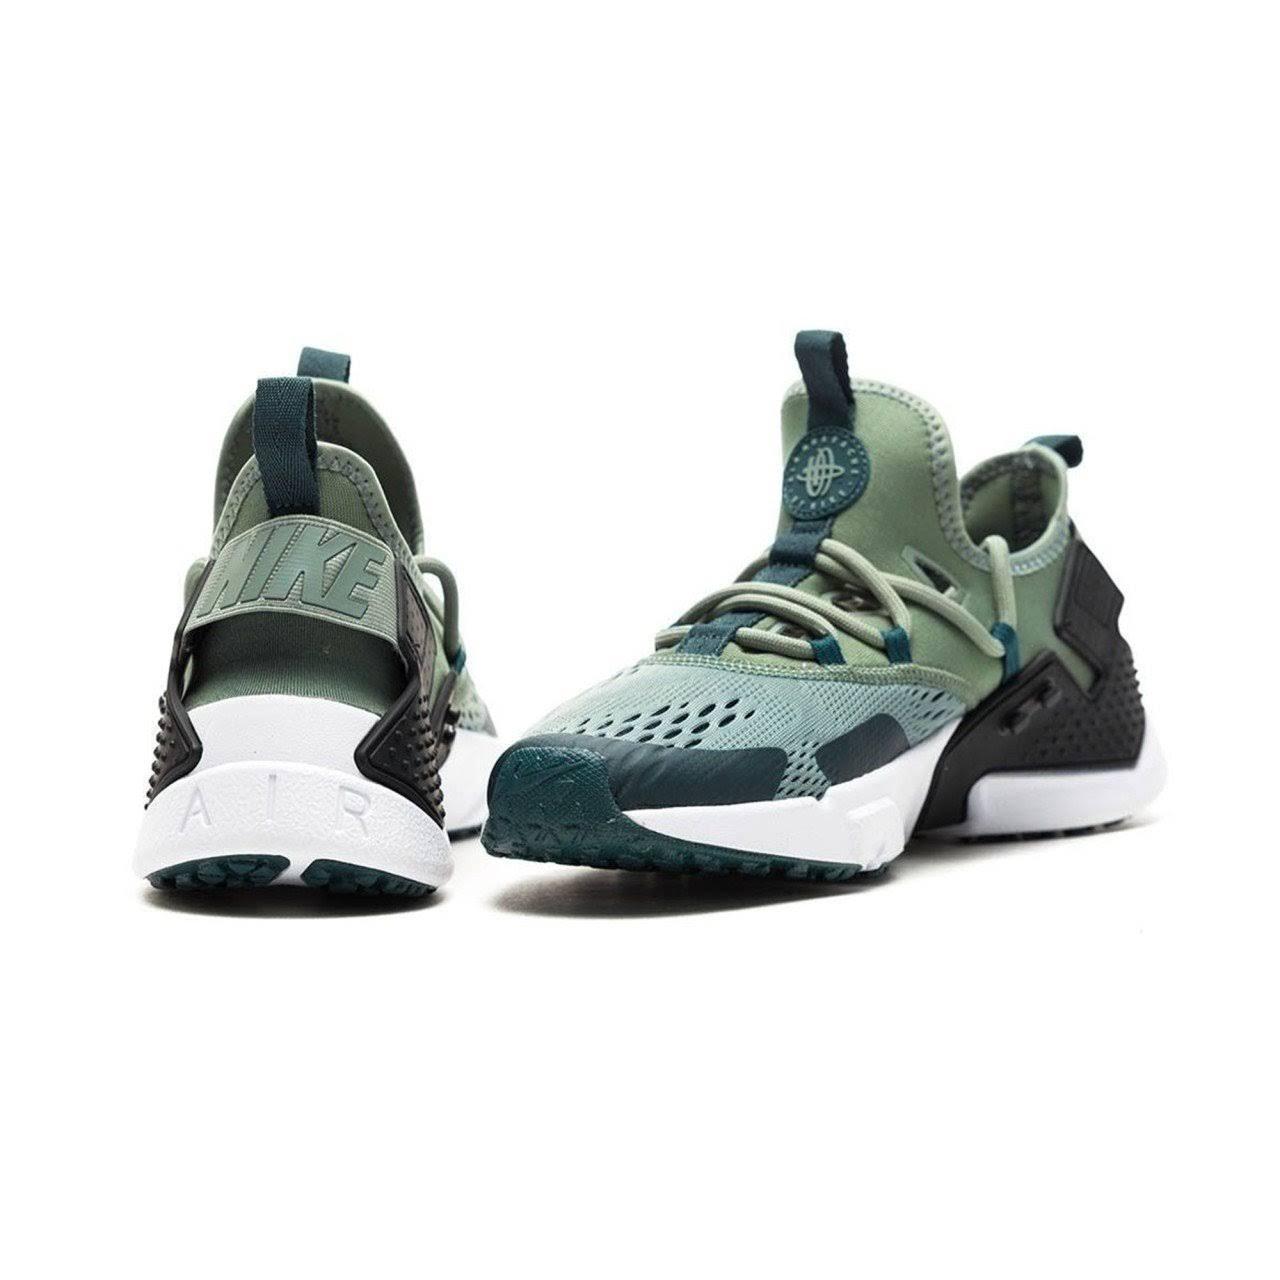 46 300 Ayakkabı Br Yeşil Erkek Ao1133 Air Günlük Nike Huarache Drift AnpqzEx8